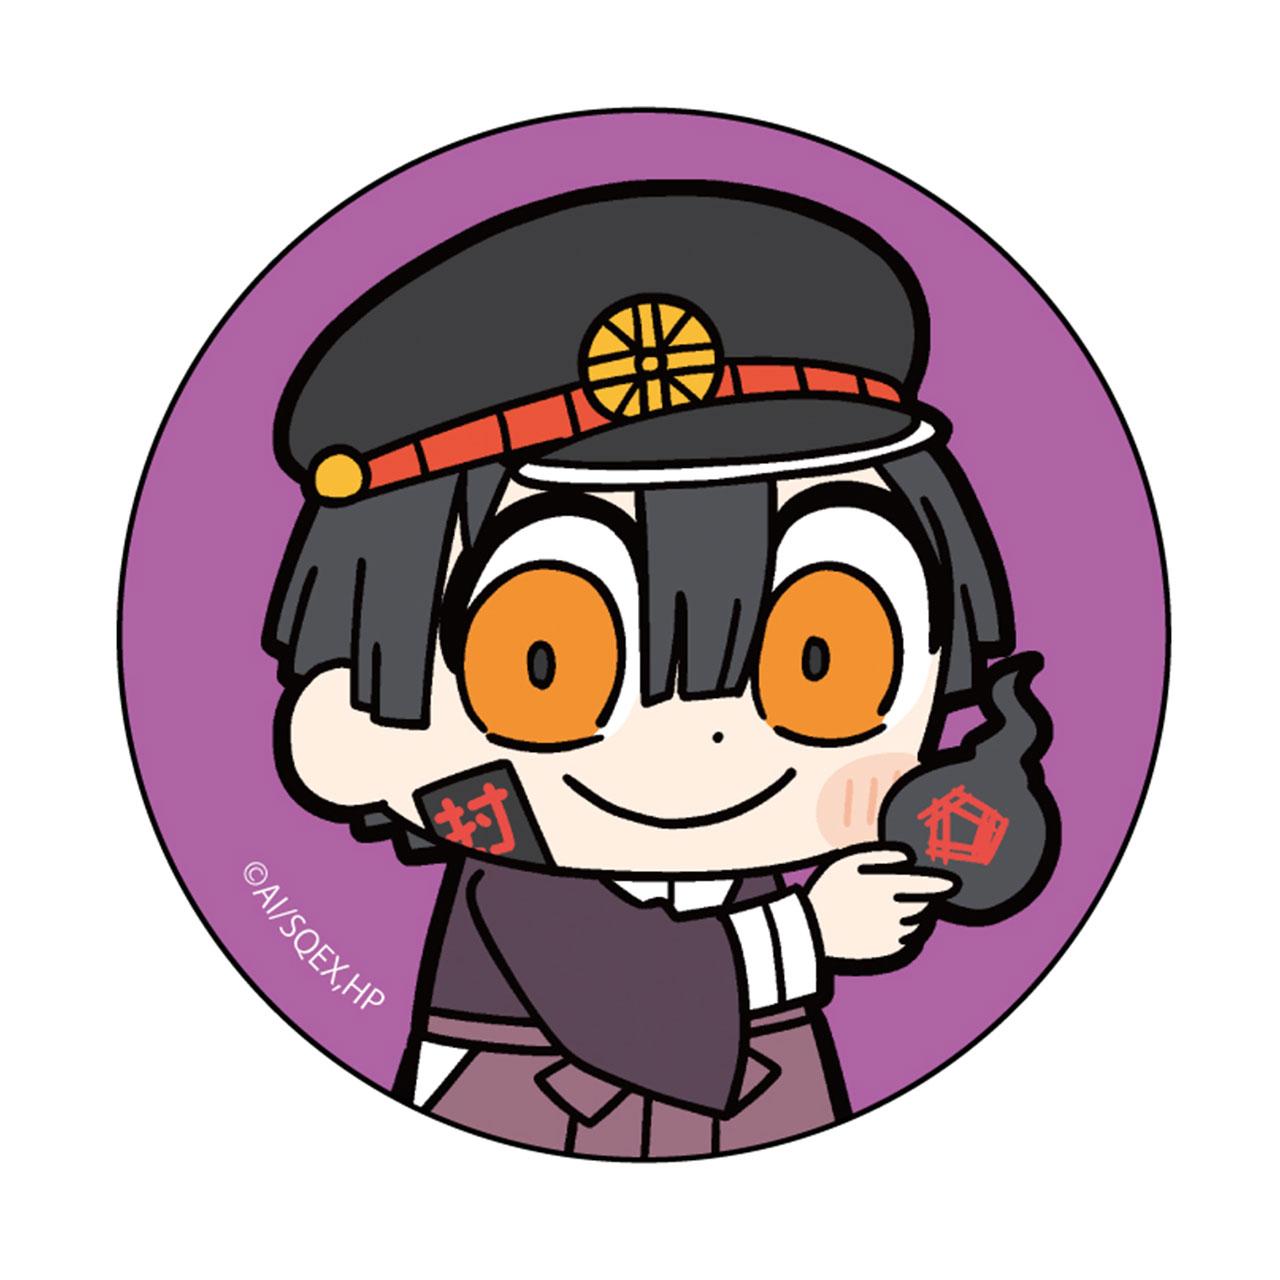 大川ぶくぶ先生描き起こし 司缶バッジ